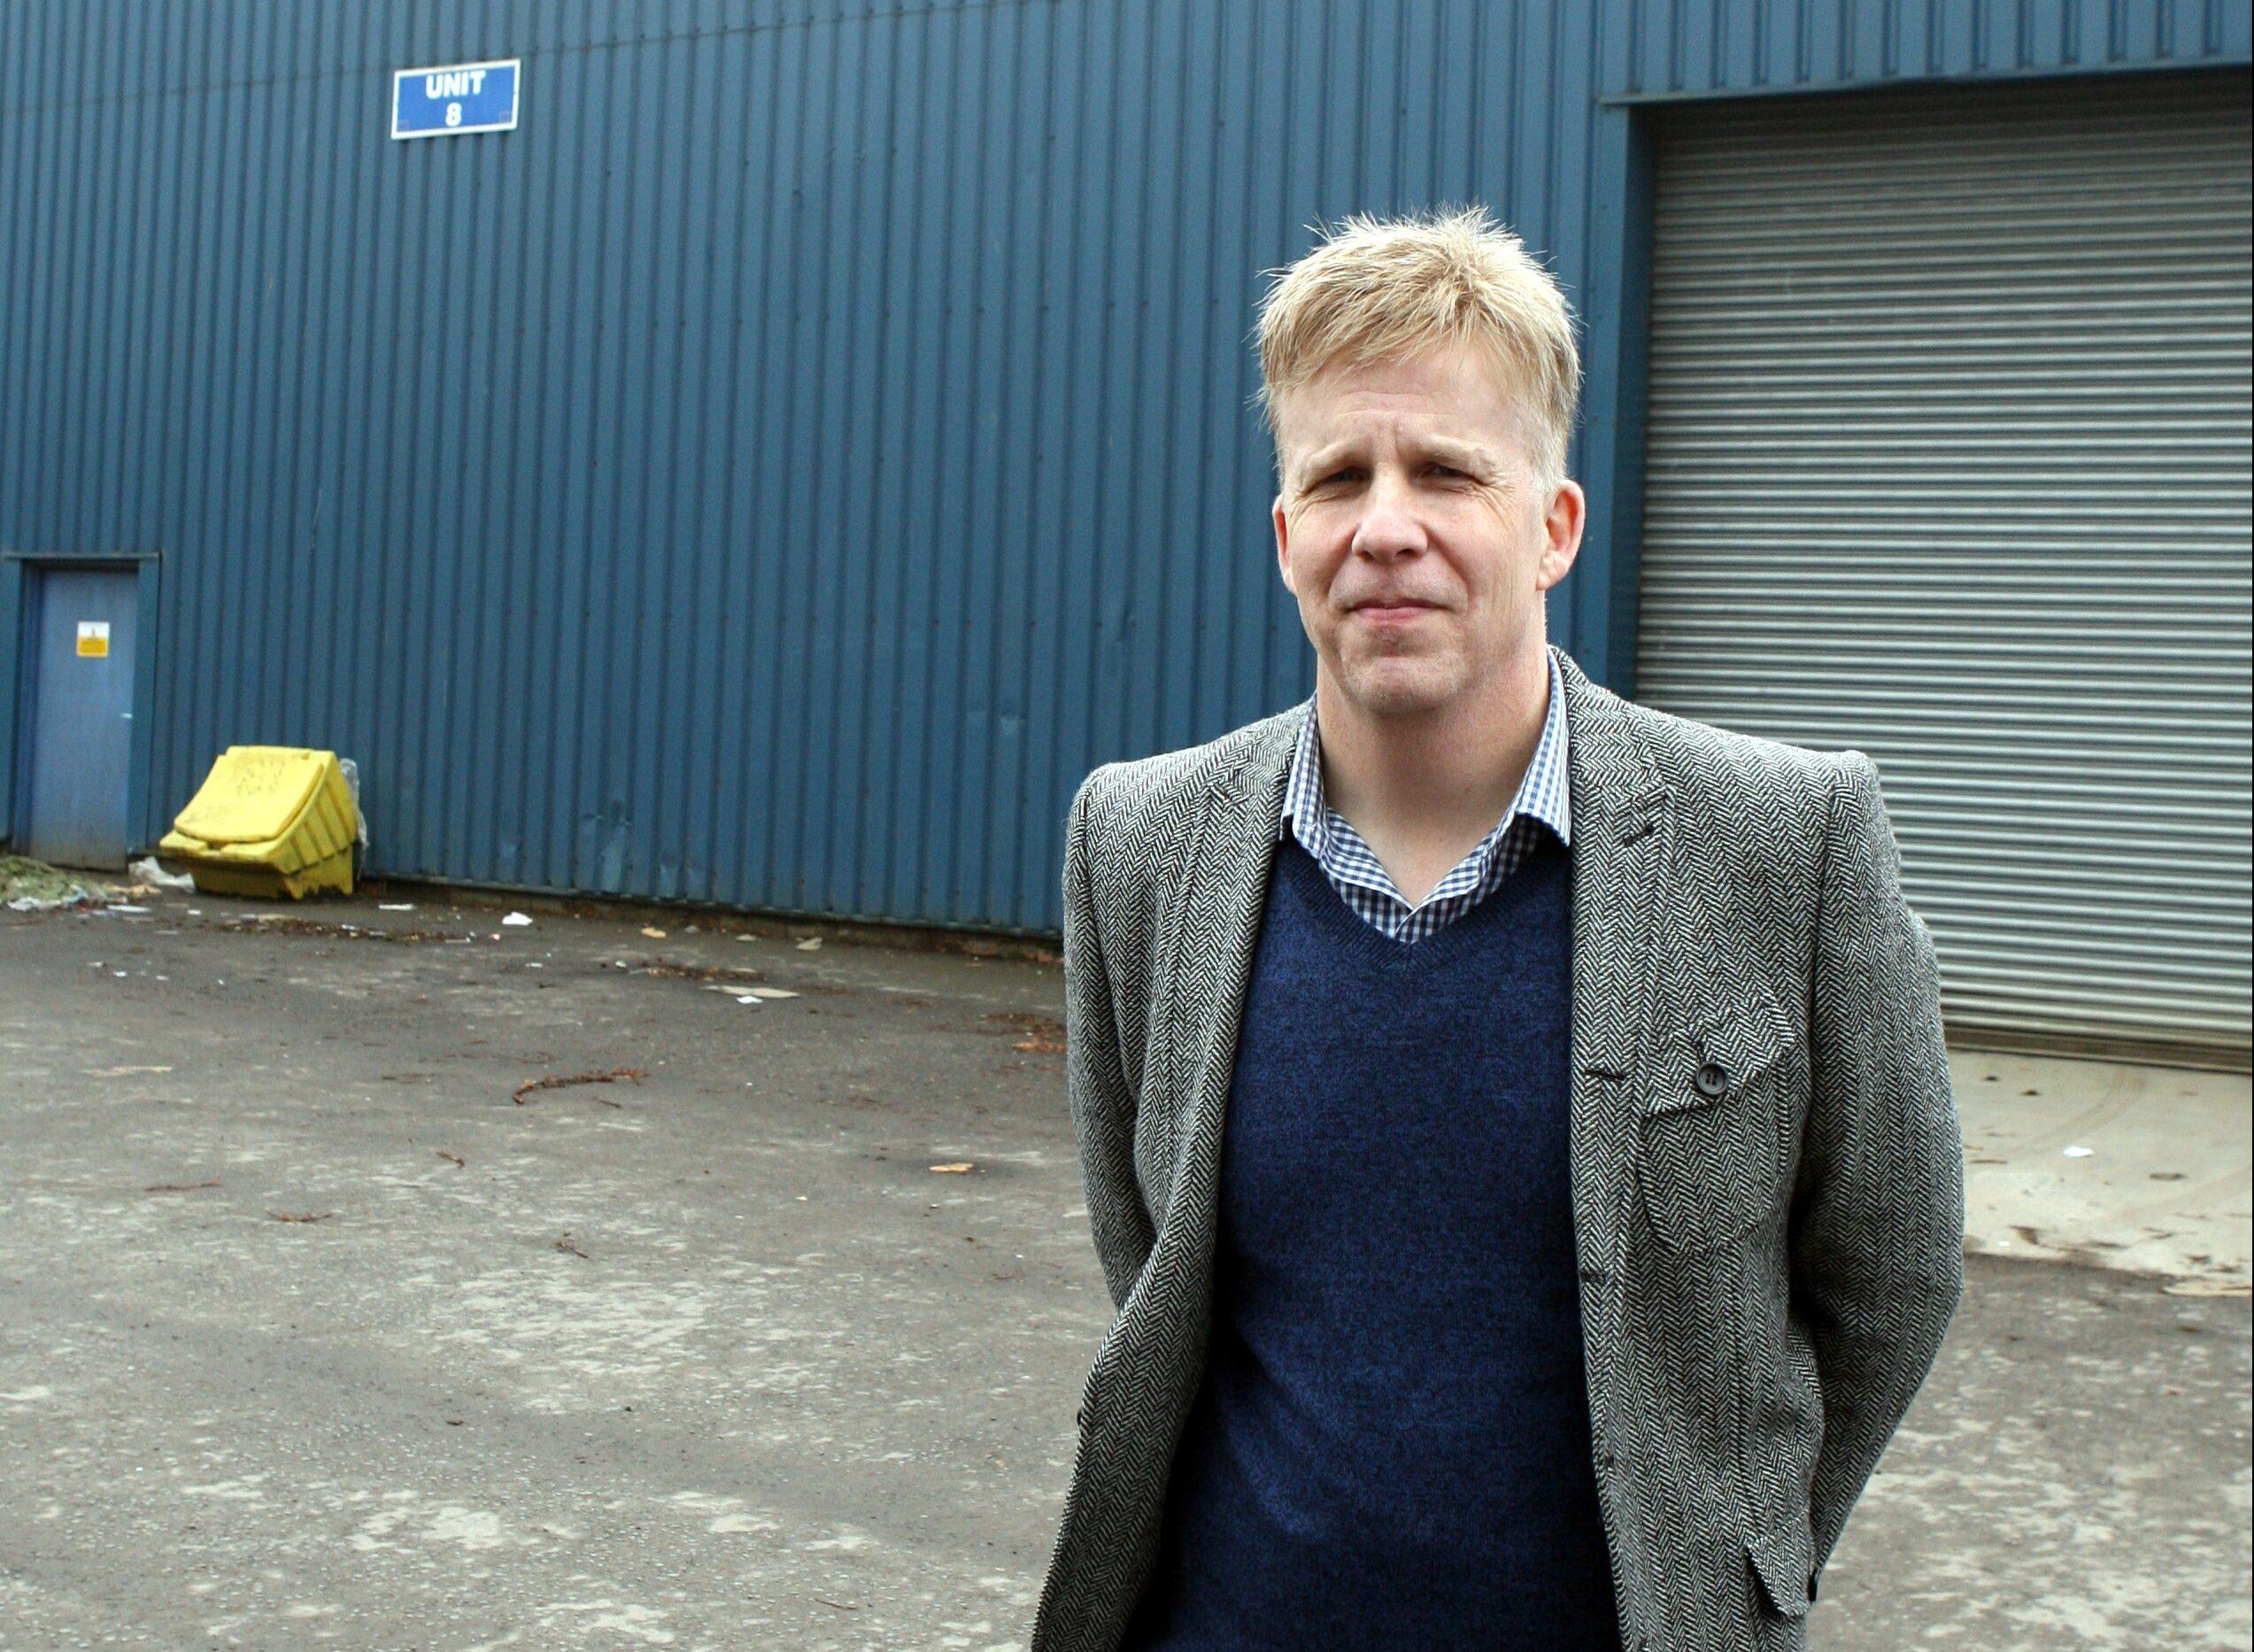 Fergus Storrier, founder of Showcase the Street